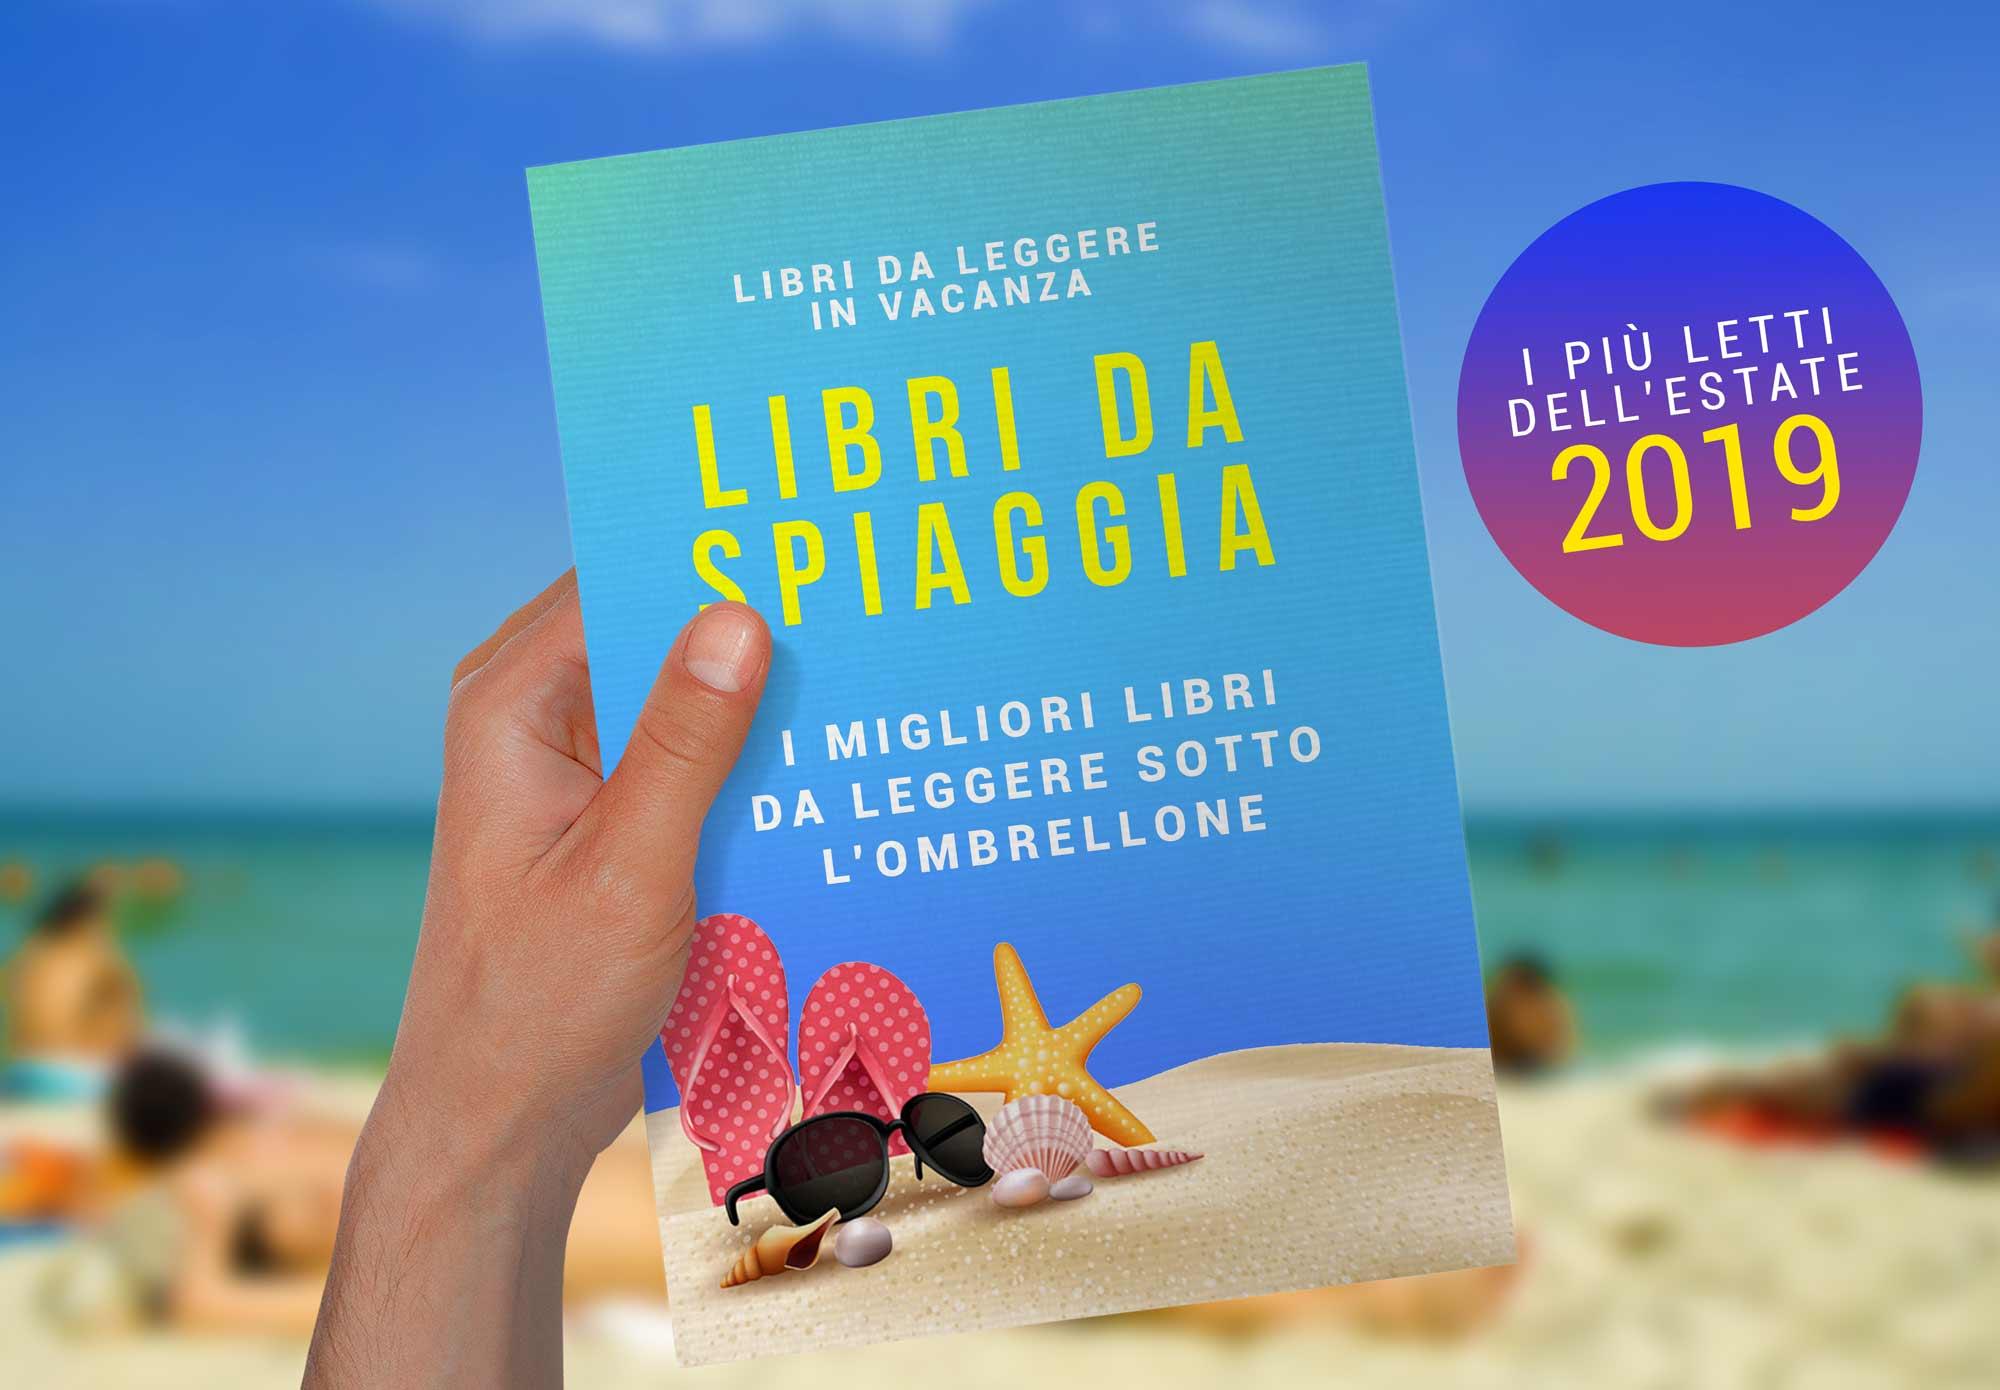 Migliori Libri Da Leggere In Vacanza | Quale Libro Leggere In Spiaggia Nel 2019?